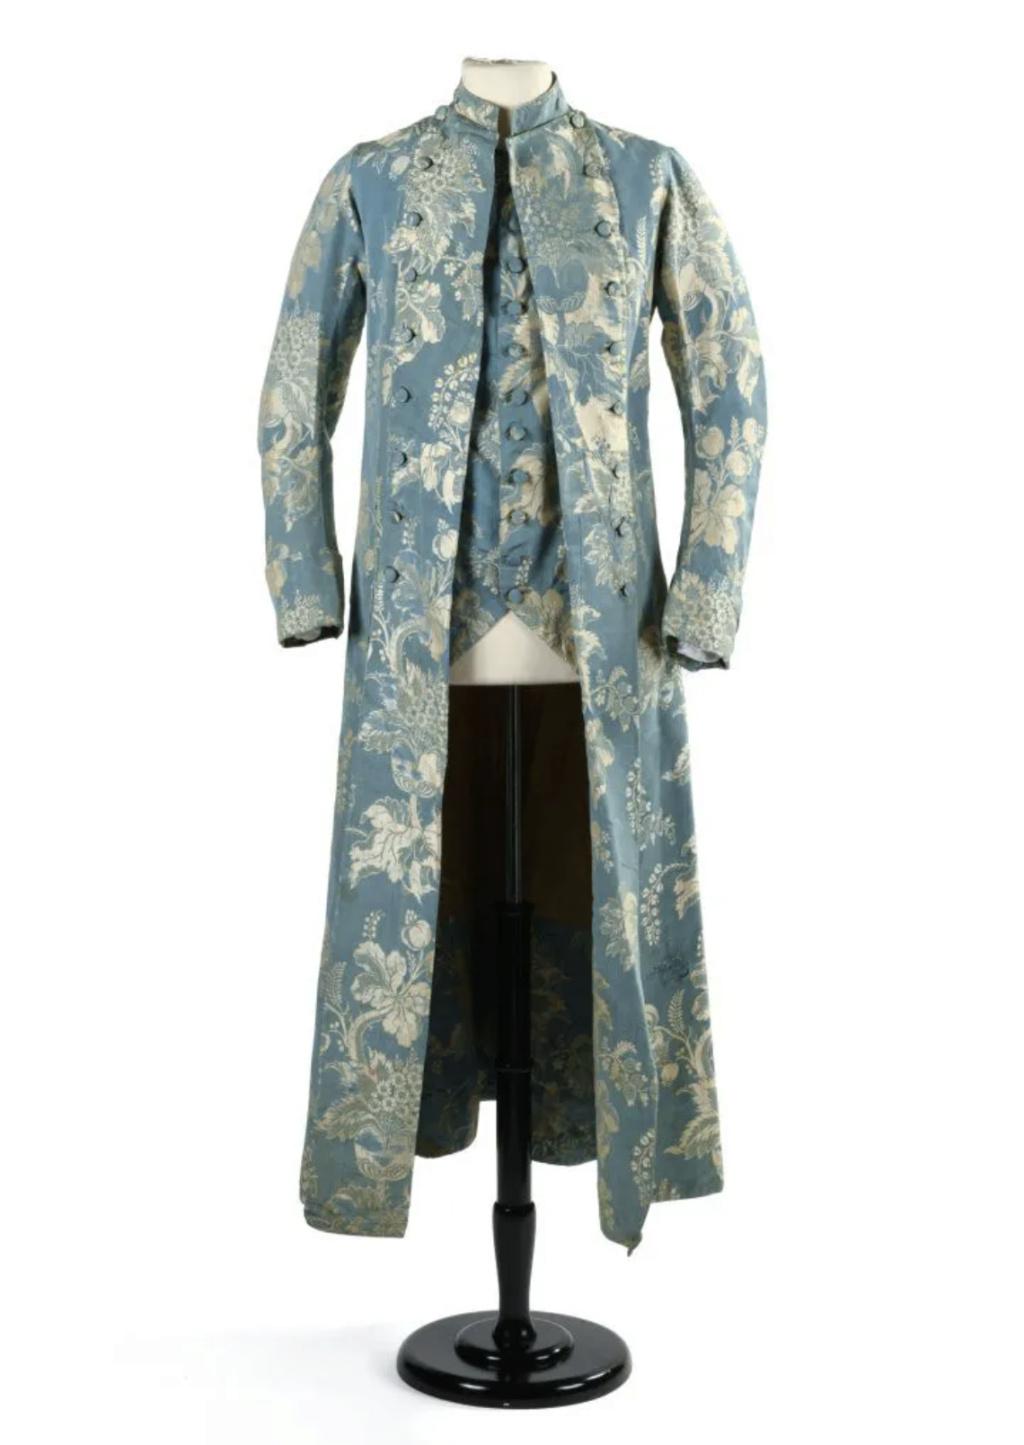 Manteau d'intérieur et robe de chambre pour les hommes au XVIIIe siècle - Page 2 Capt2133